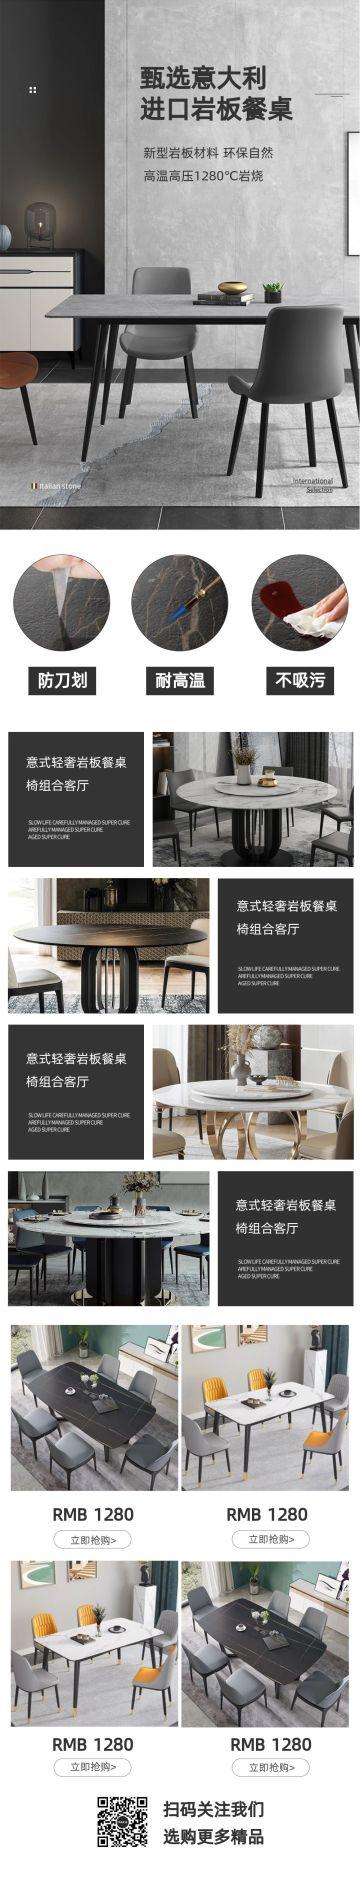 灰色简约大气风格家装节餐桌促销宣传长图